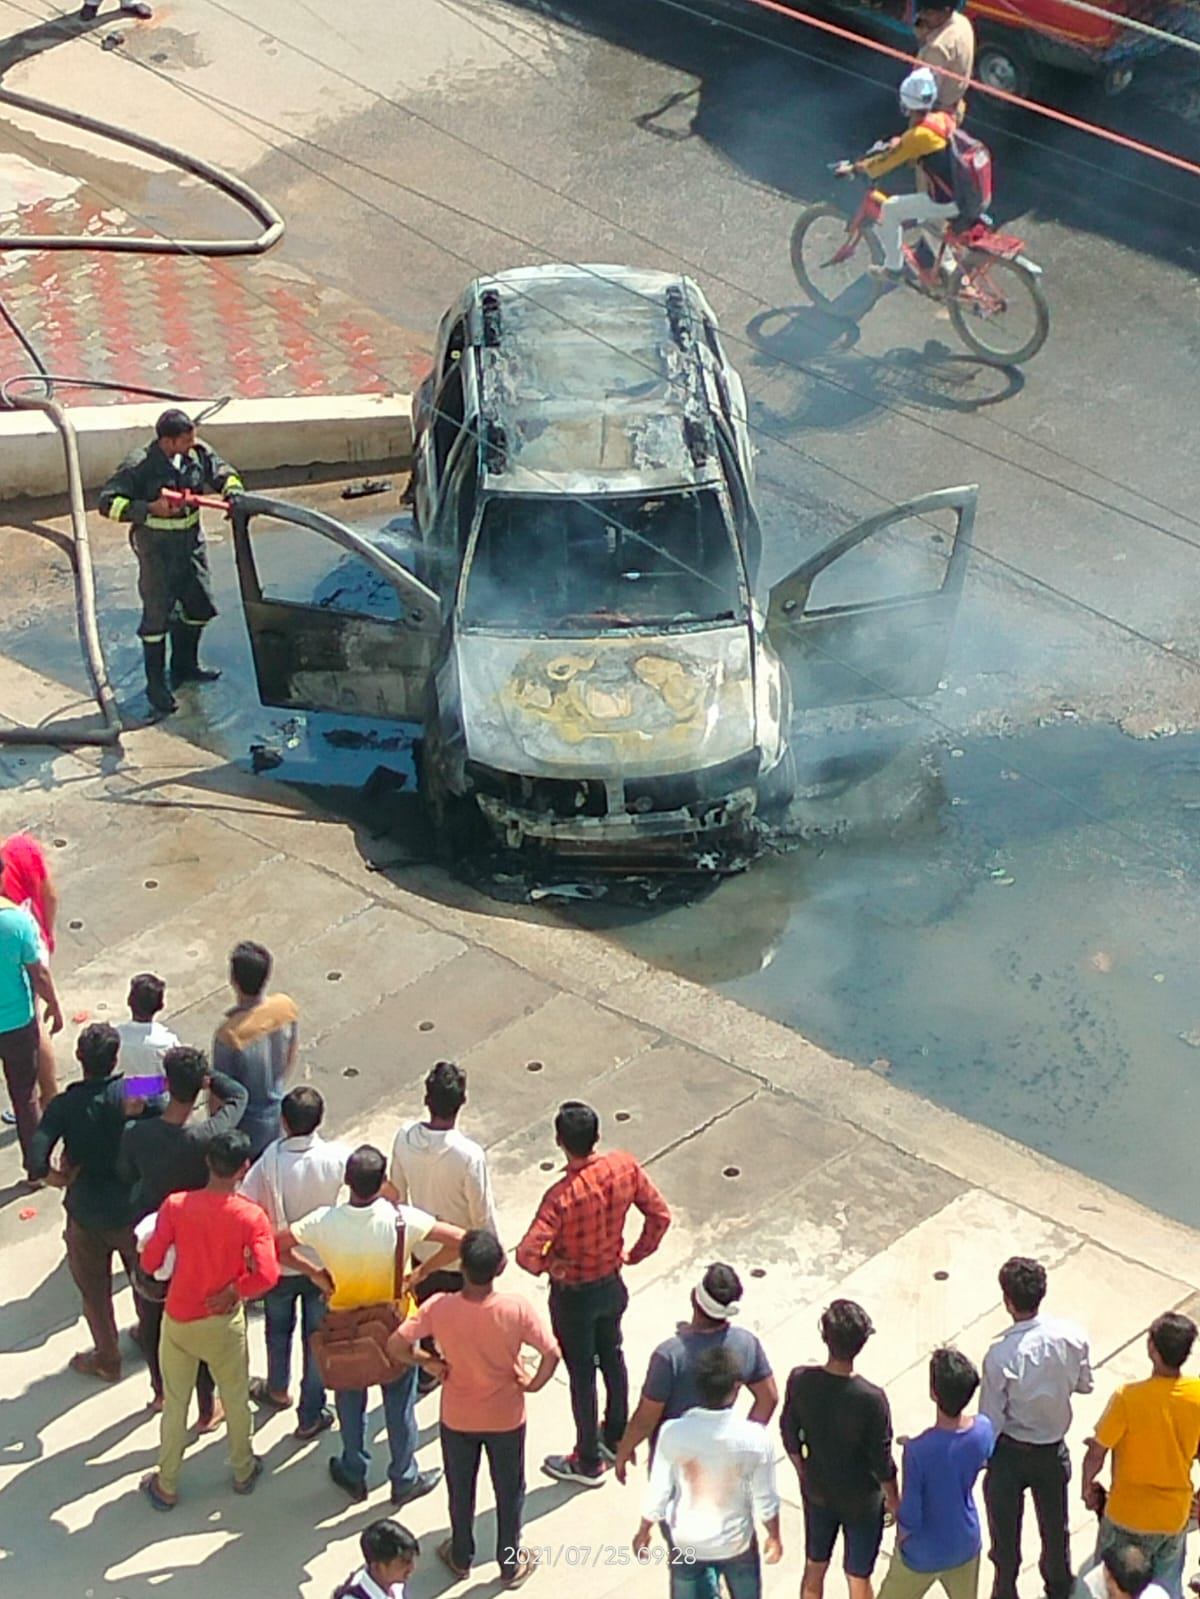 ड्राइवर ने गाड़ी में धुंआ उठता देख कूदकर बचाई जान, दमकल ने एक घंटे में पाया काबू|मथुरा,Mathura - Dainik Bhaskar